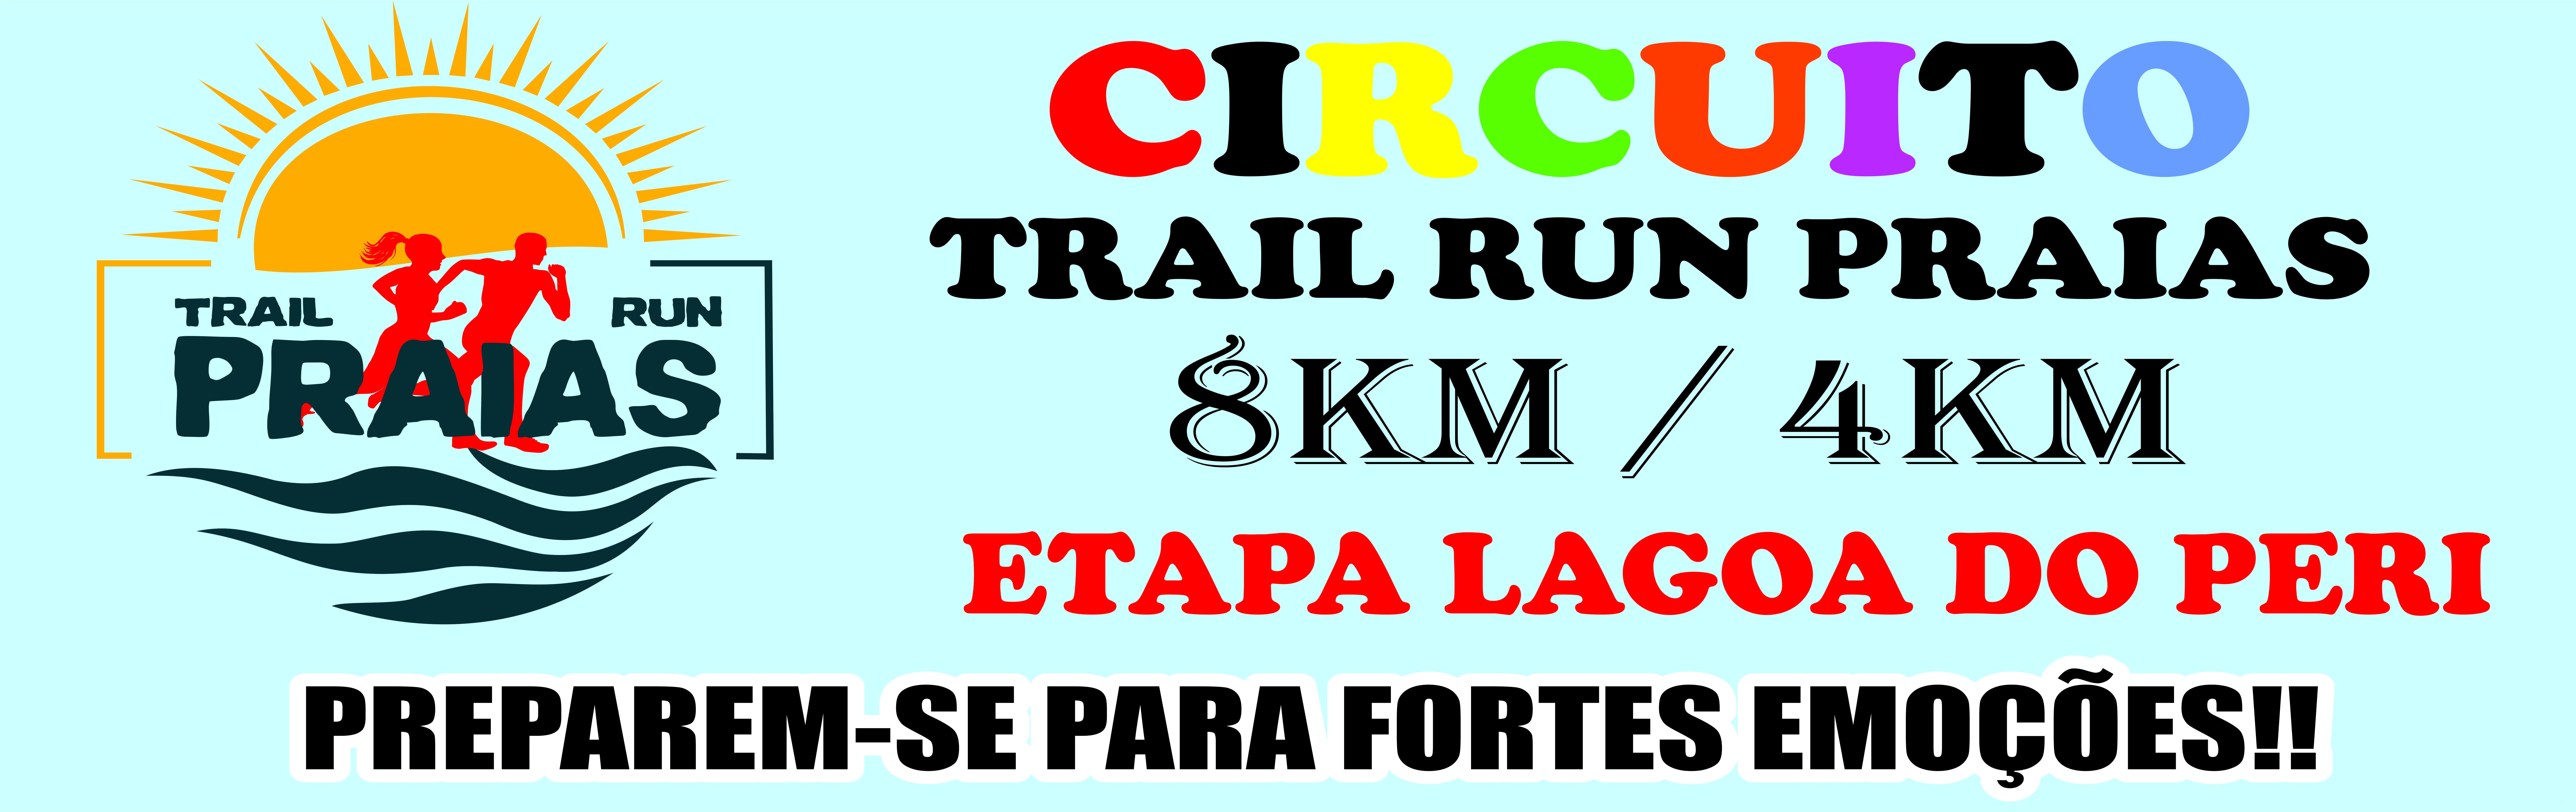 Trail Run Praias - Etapa Lagoa do Peri 2020